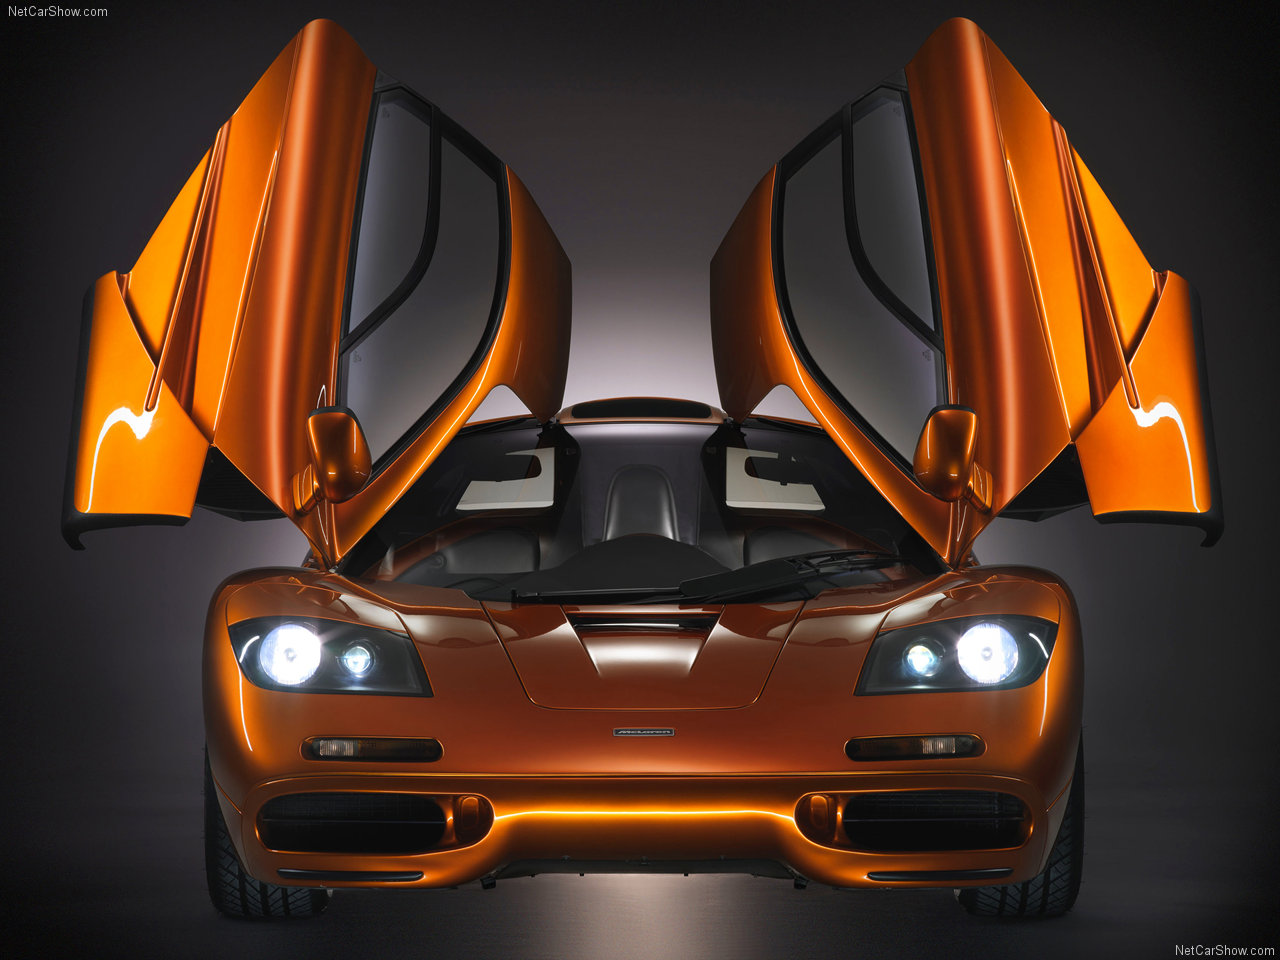 McLaren F1 1993 McLaren-F1-1993-1280-18